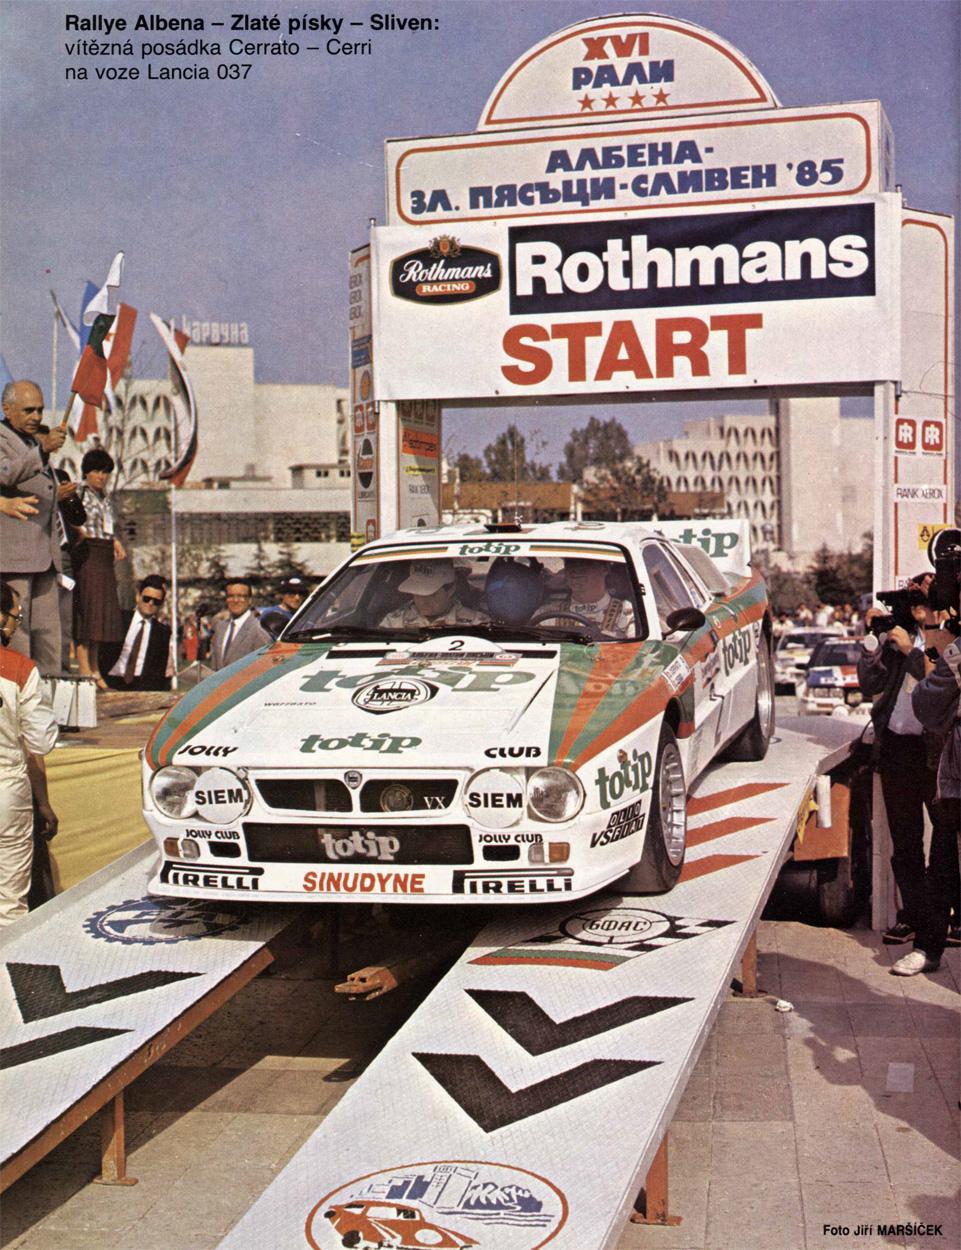 Cerrato-Cerri / Lancia 037 Rally